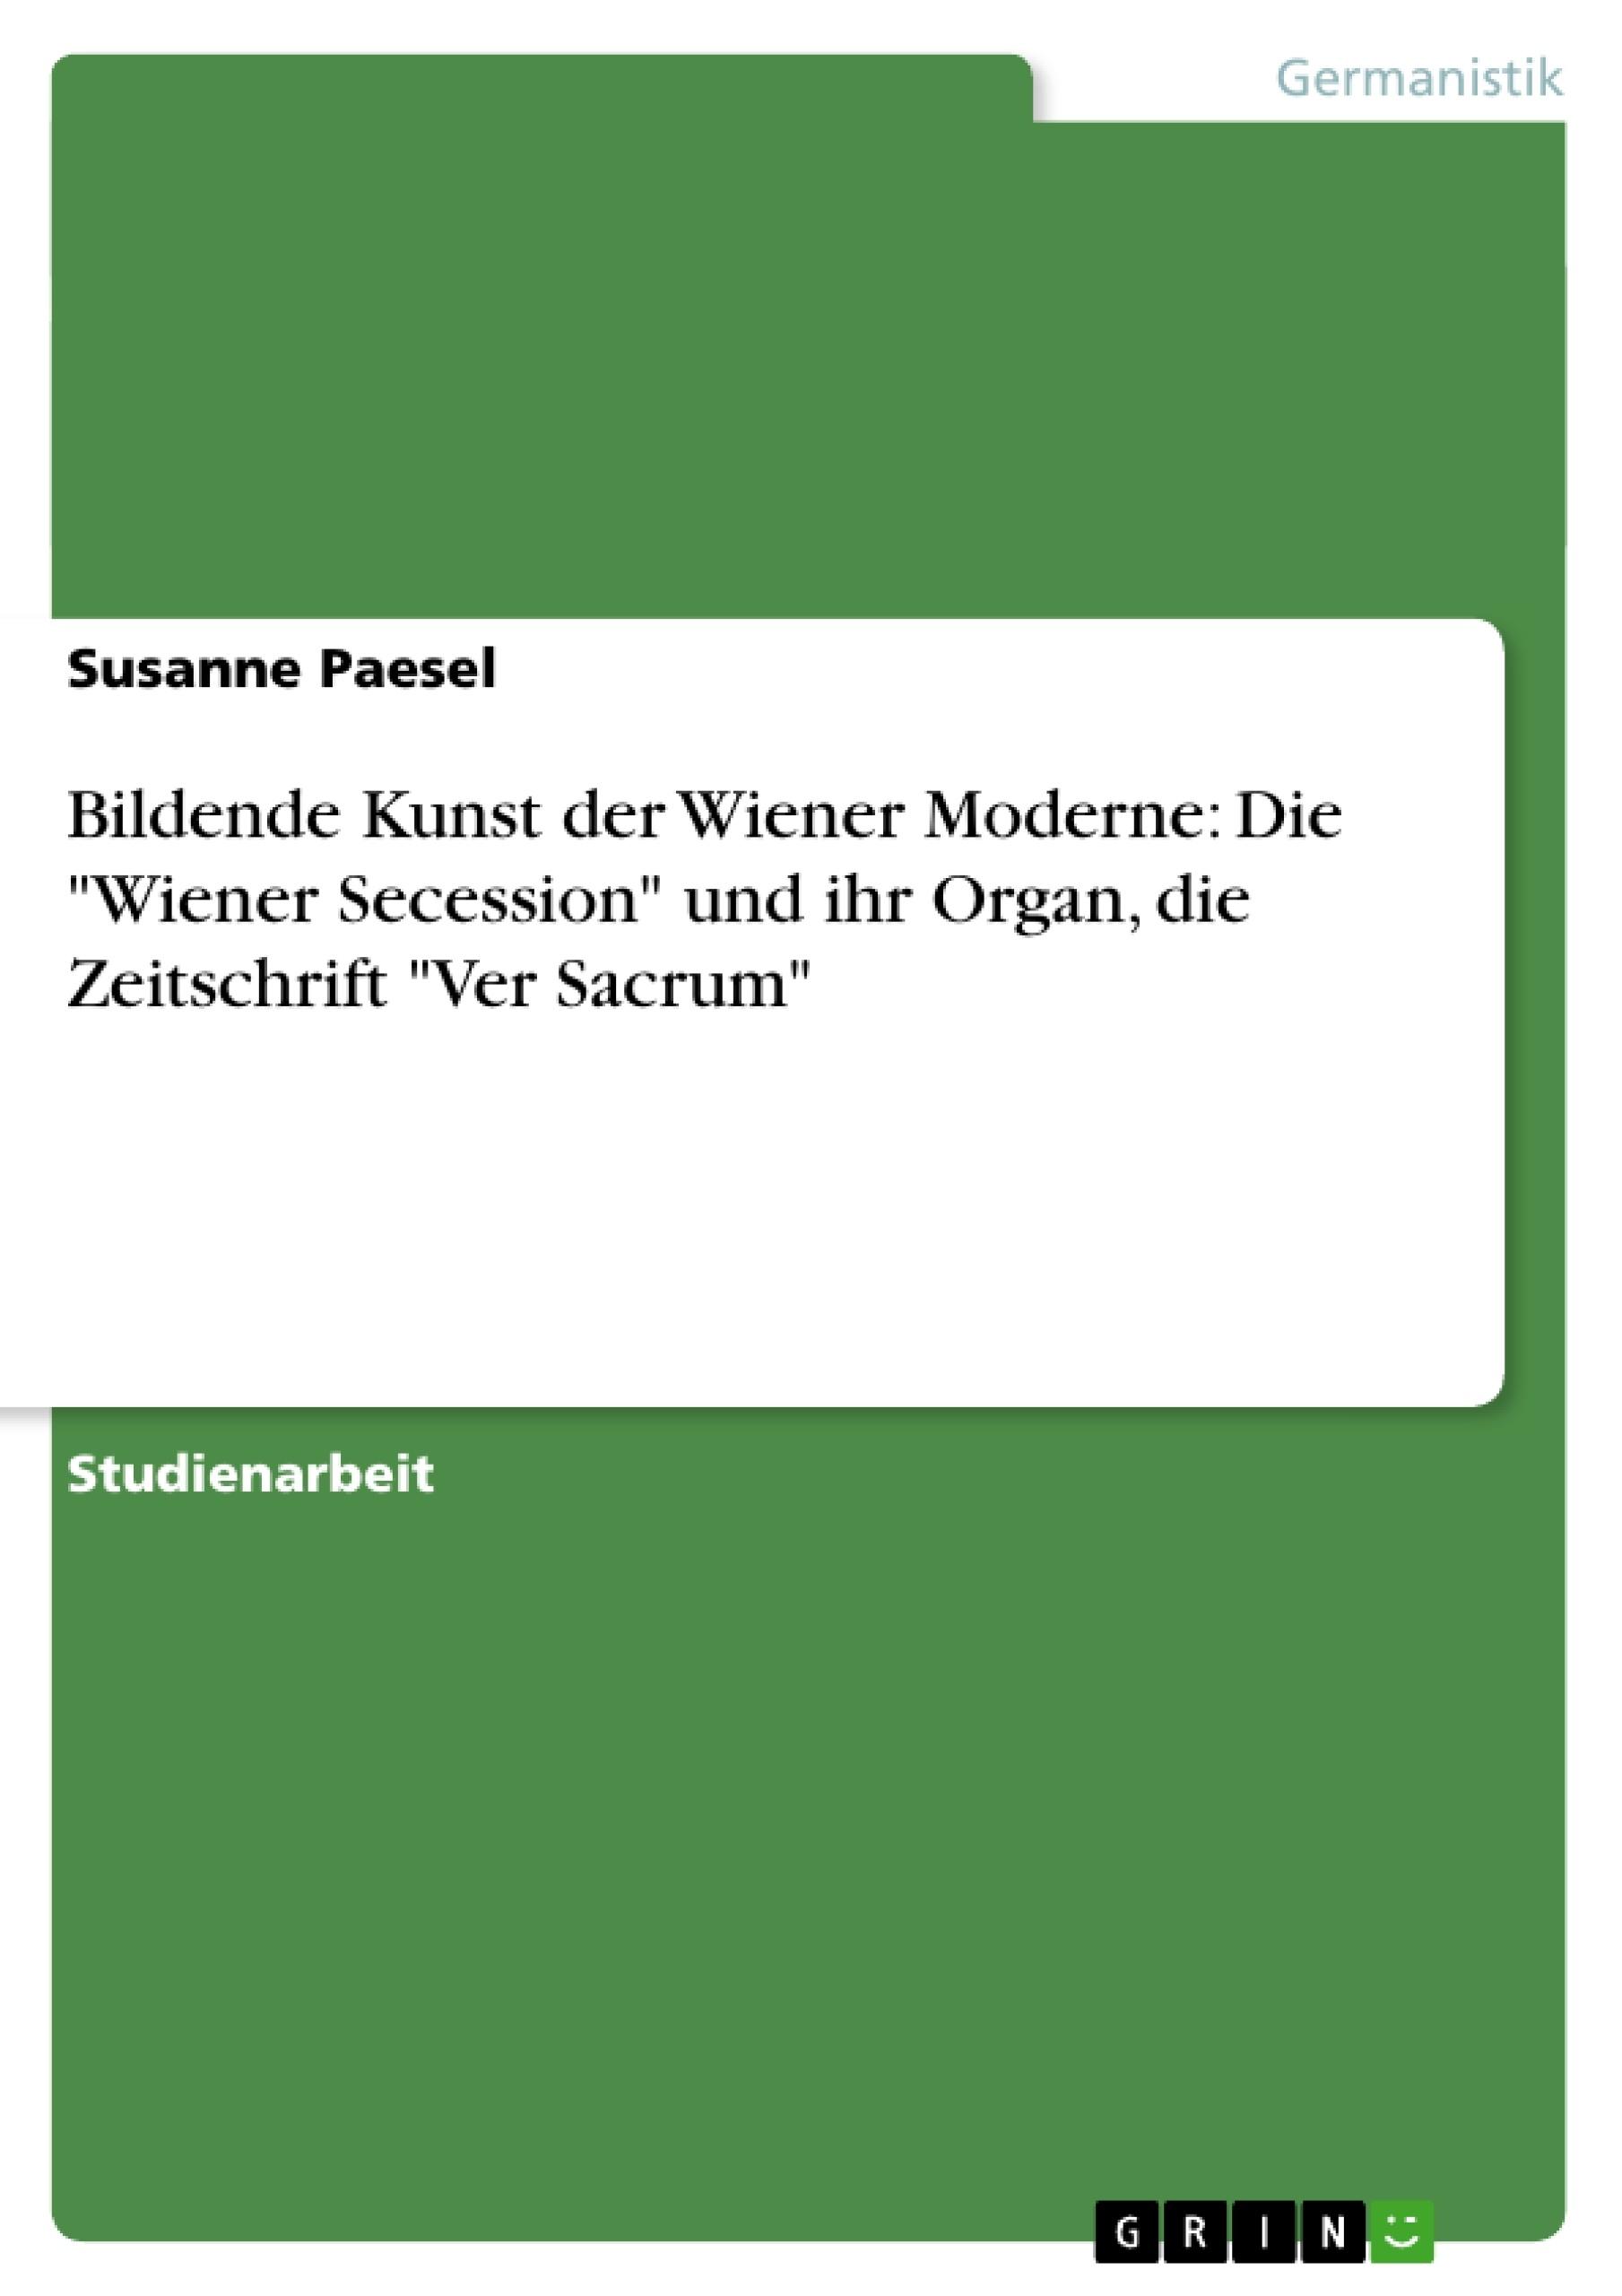 """Titel: Bildende Kunst der Wiener Moderne: Die """"Wiener Secession"""" und ihr Organ, die Zeitschrift """"Ver Sacrum"""""""